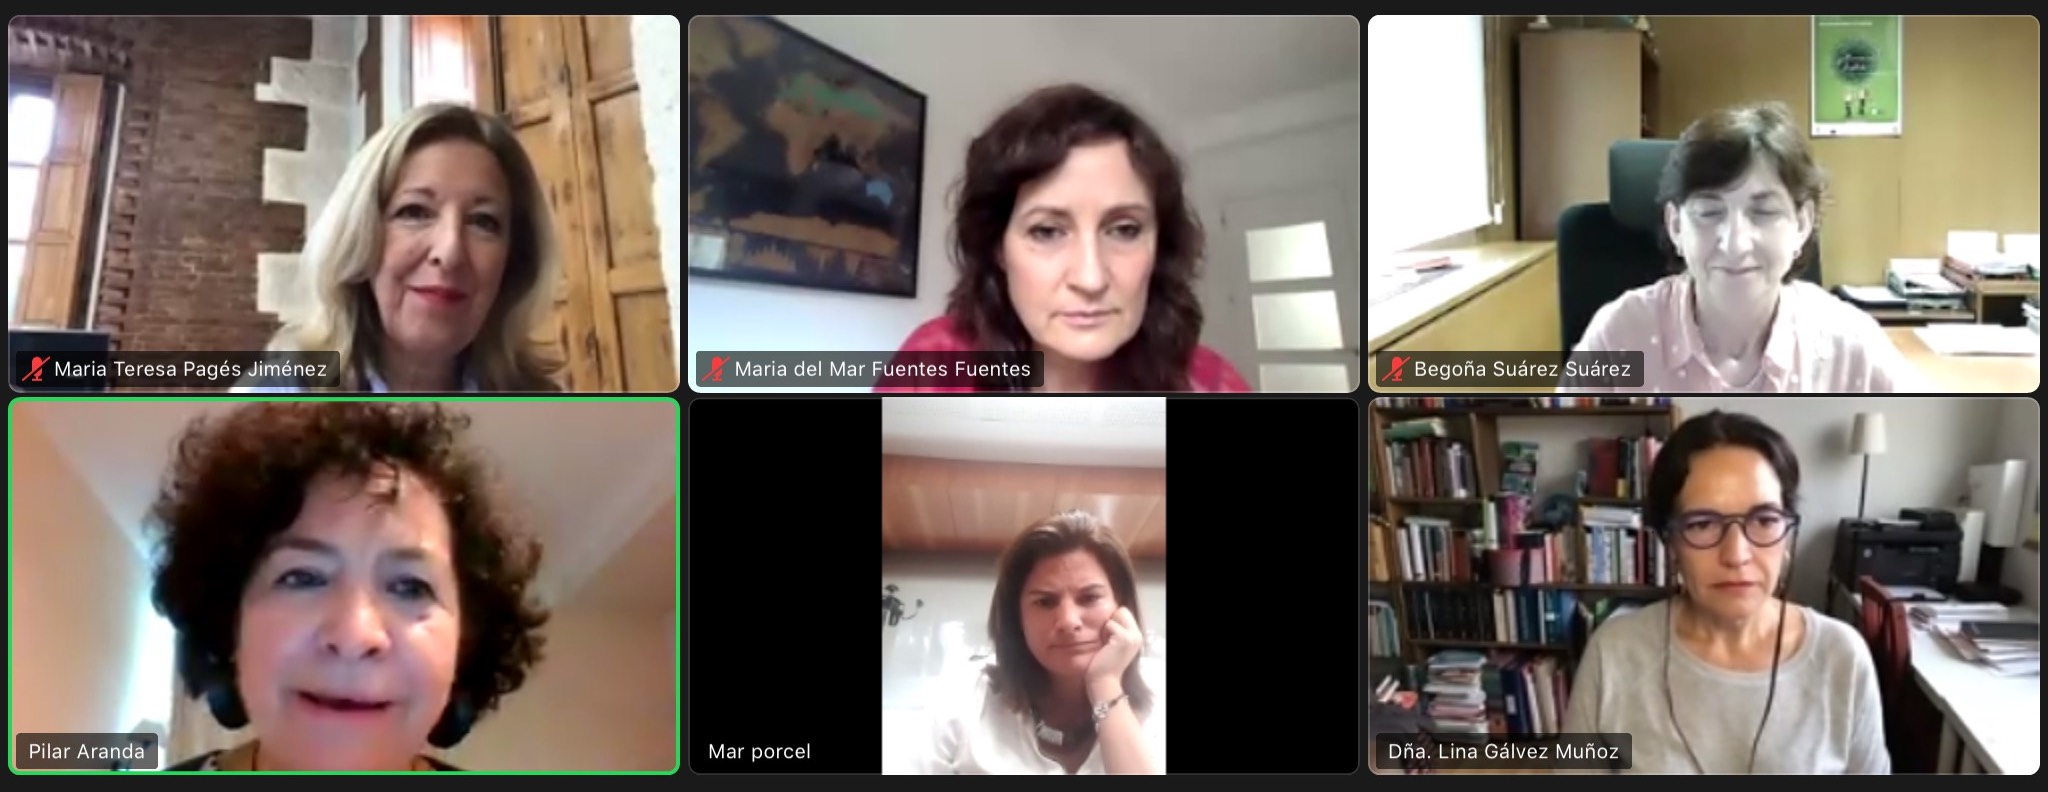 Organizan un encuentro digital para poner cara a referentes femeninos pese a la brecha de género